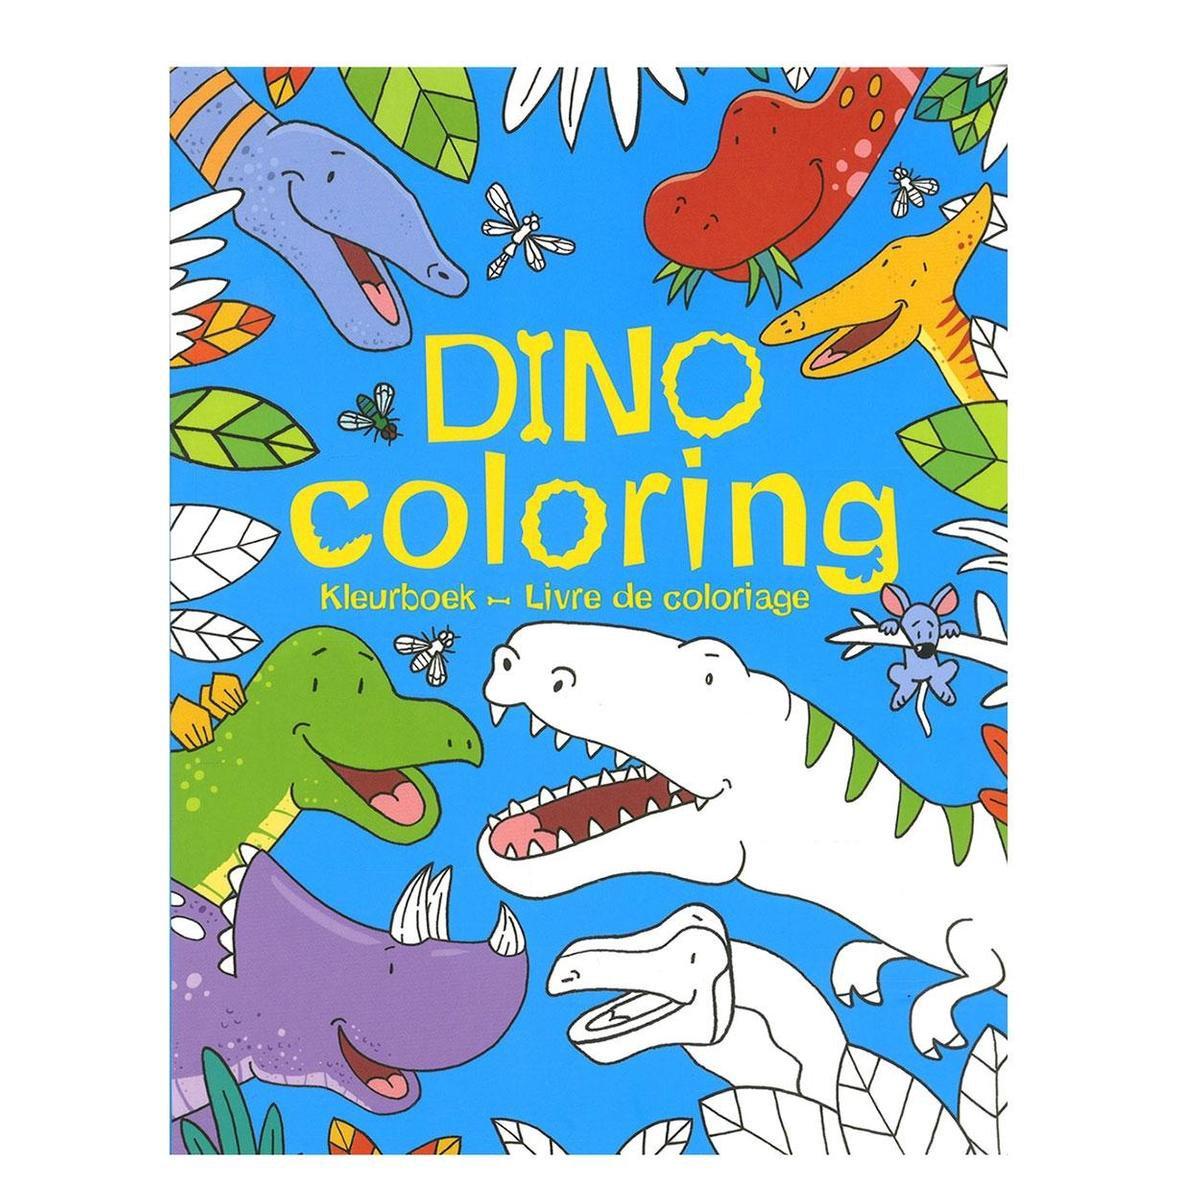 Dino Coloring - Kleurboek